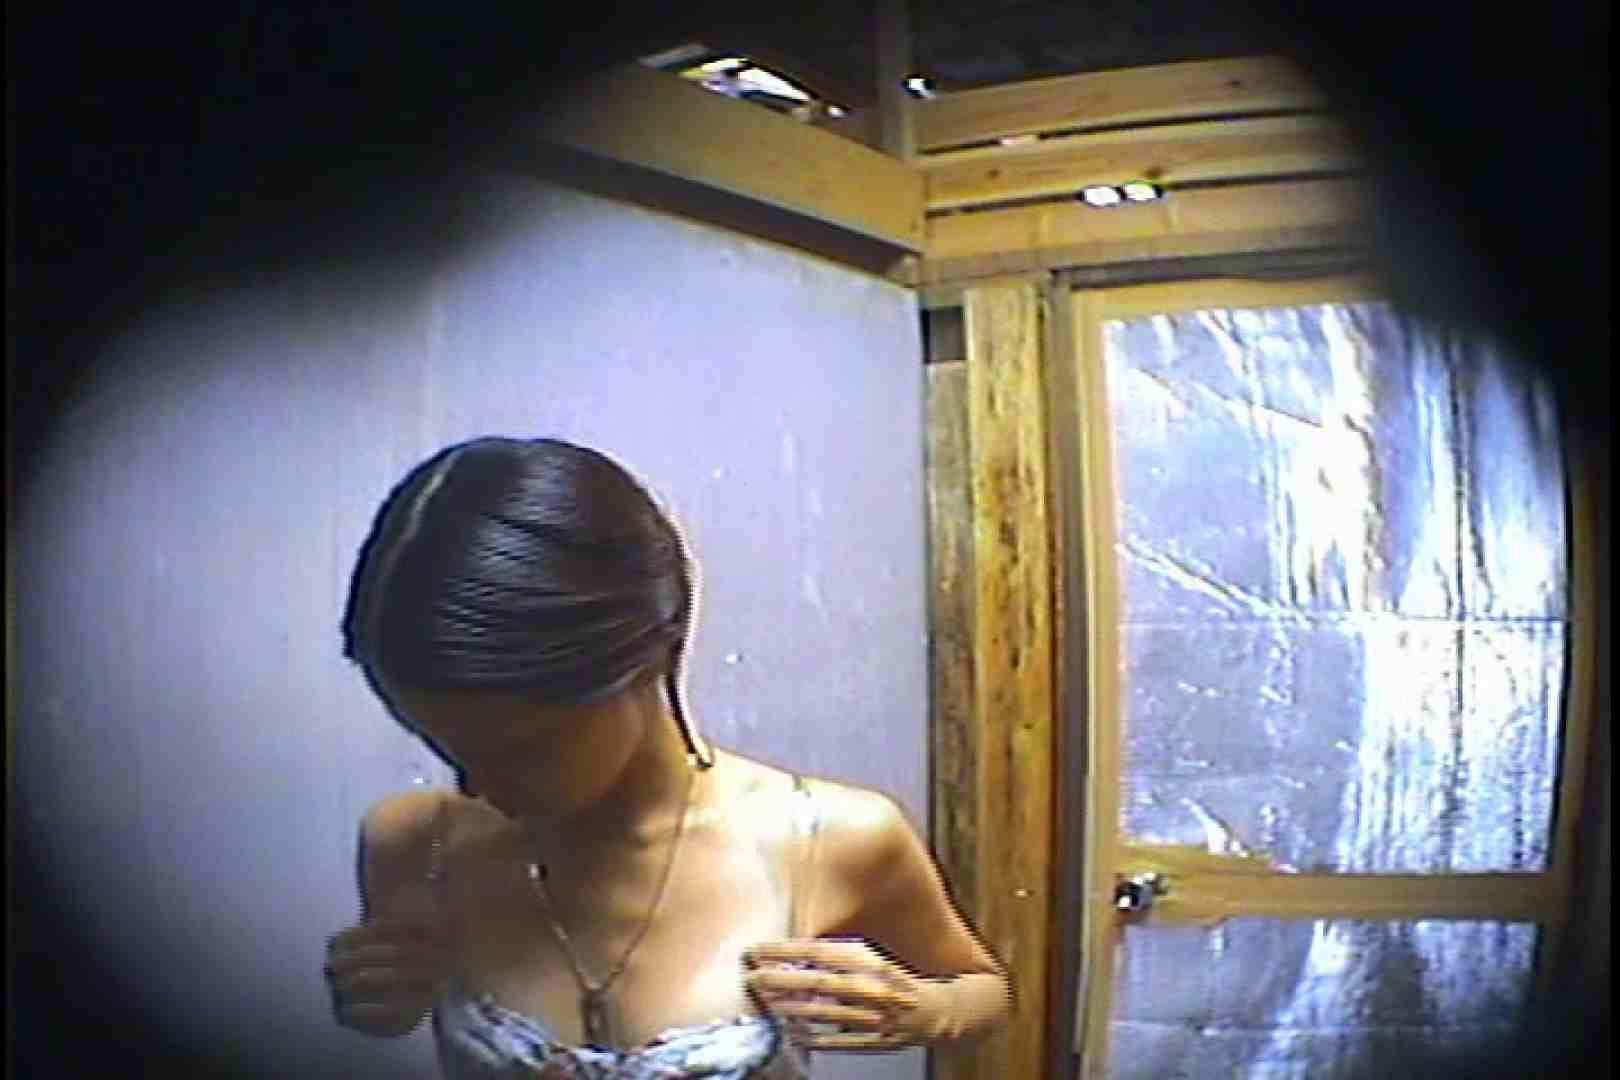 海の家の更衣室 Vol.45 美女 | シャワー  90pic 7